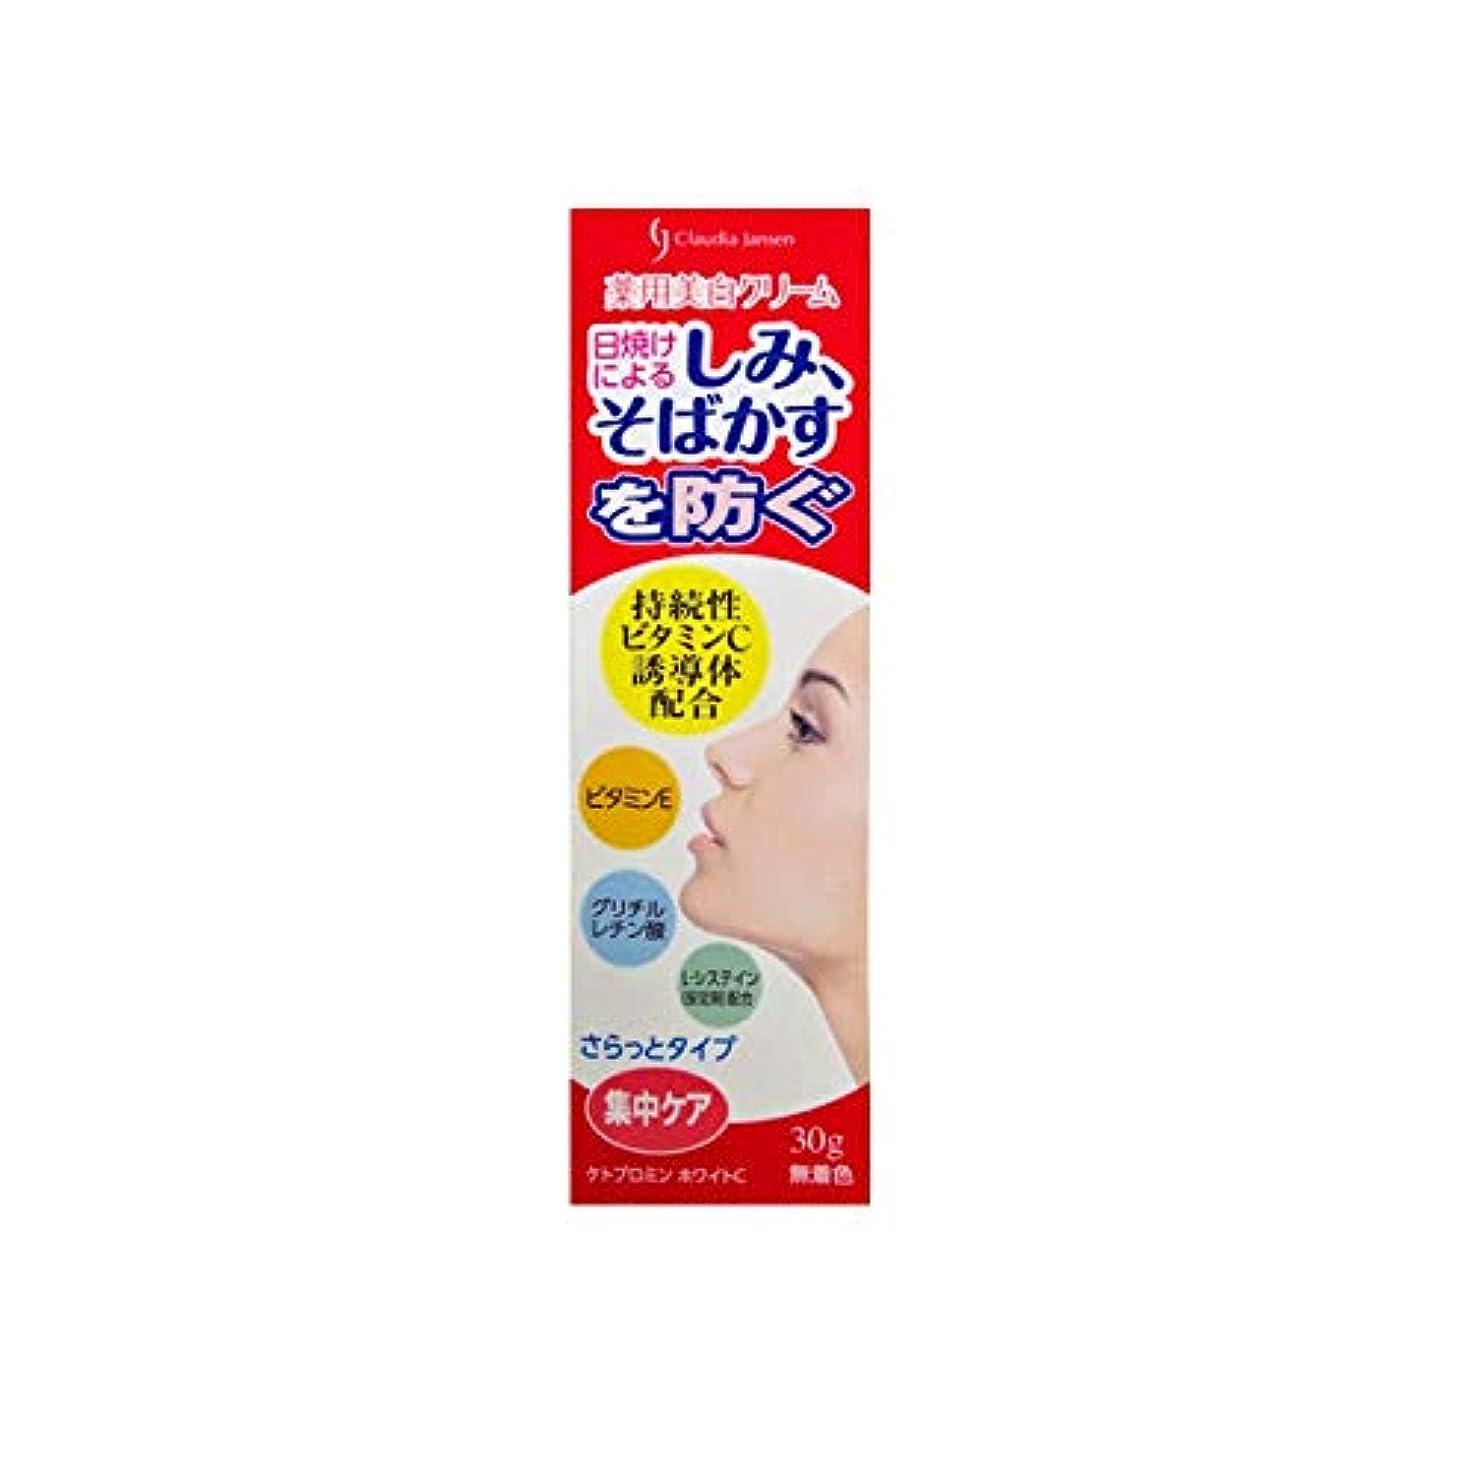 差別化する剣スクランブル三友薬品 医薬部外品 薬用ホワイトニングクリームC 30g